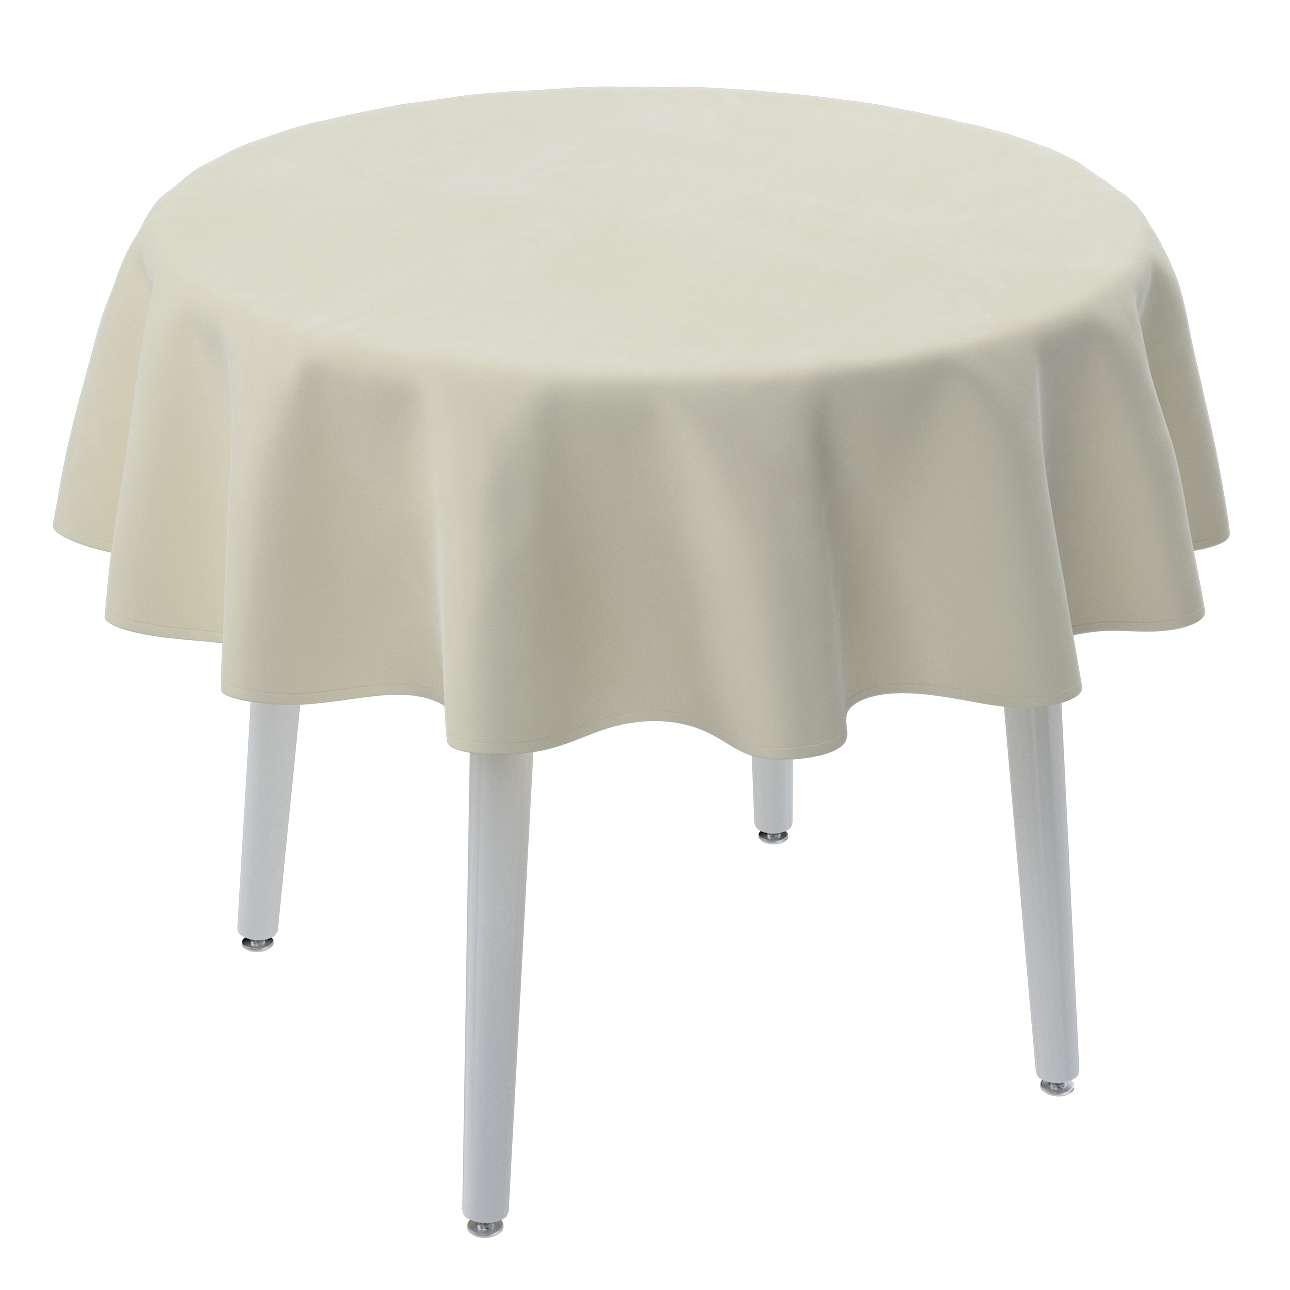 Runde Tischdecke von der Kollektion Velvet, Stoff: 704-10